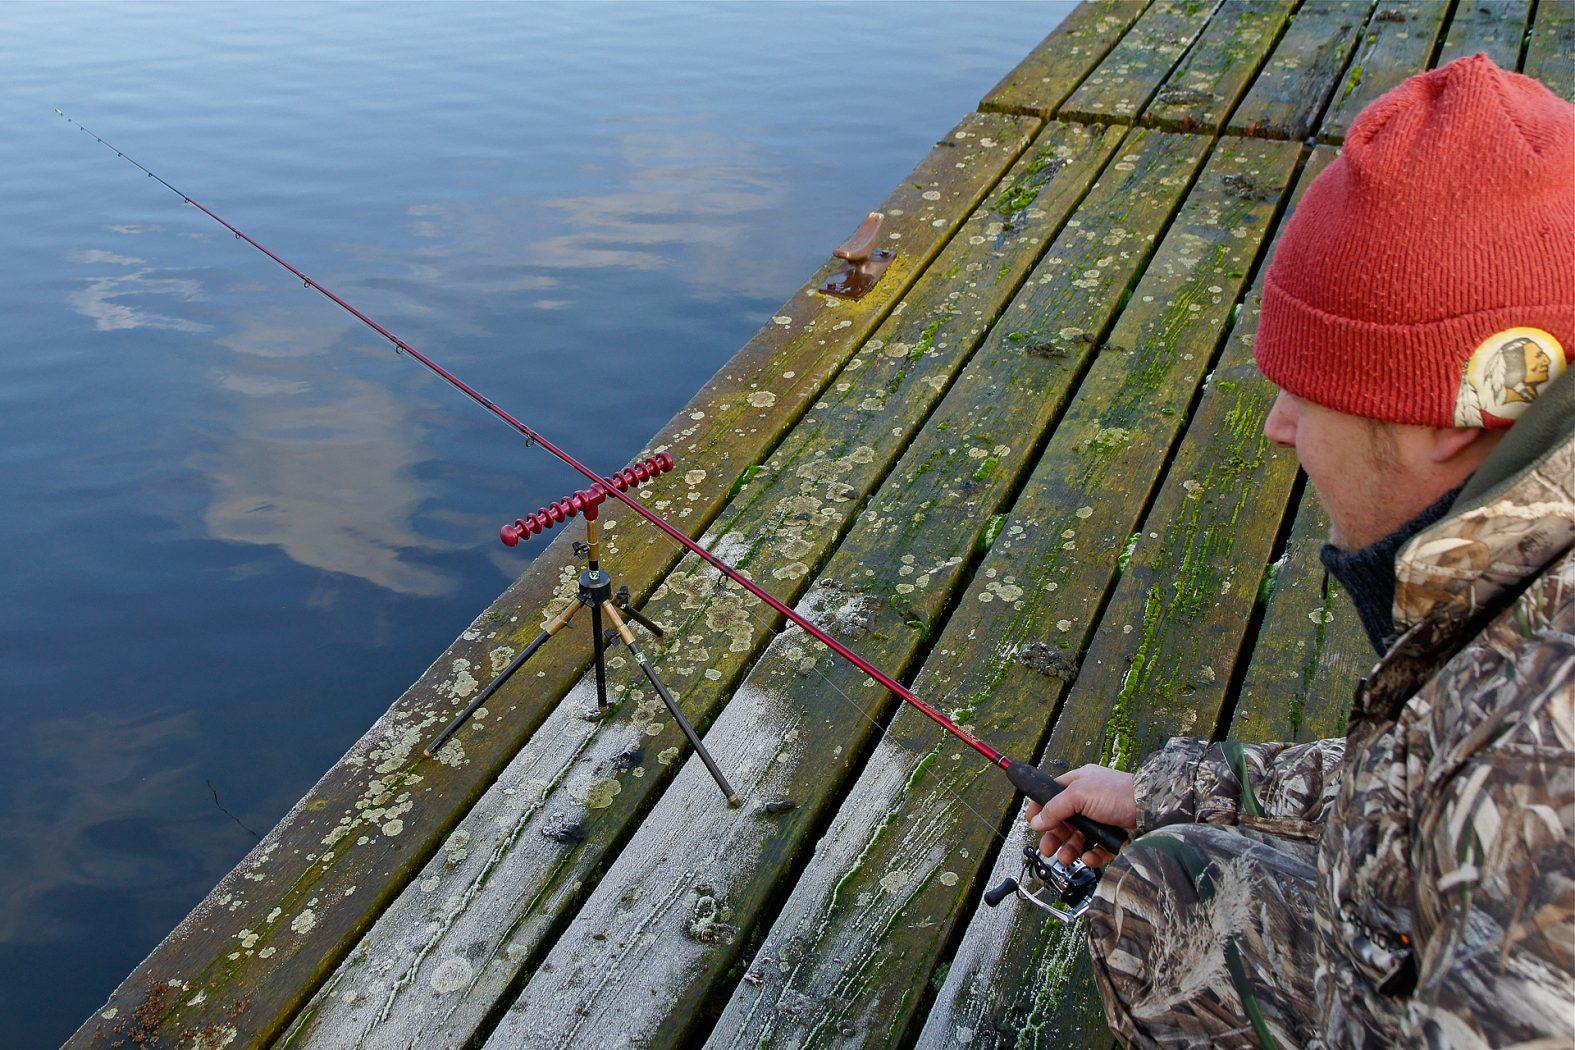 Rotaugen angeln im Winter